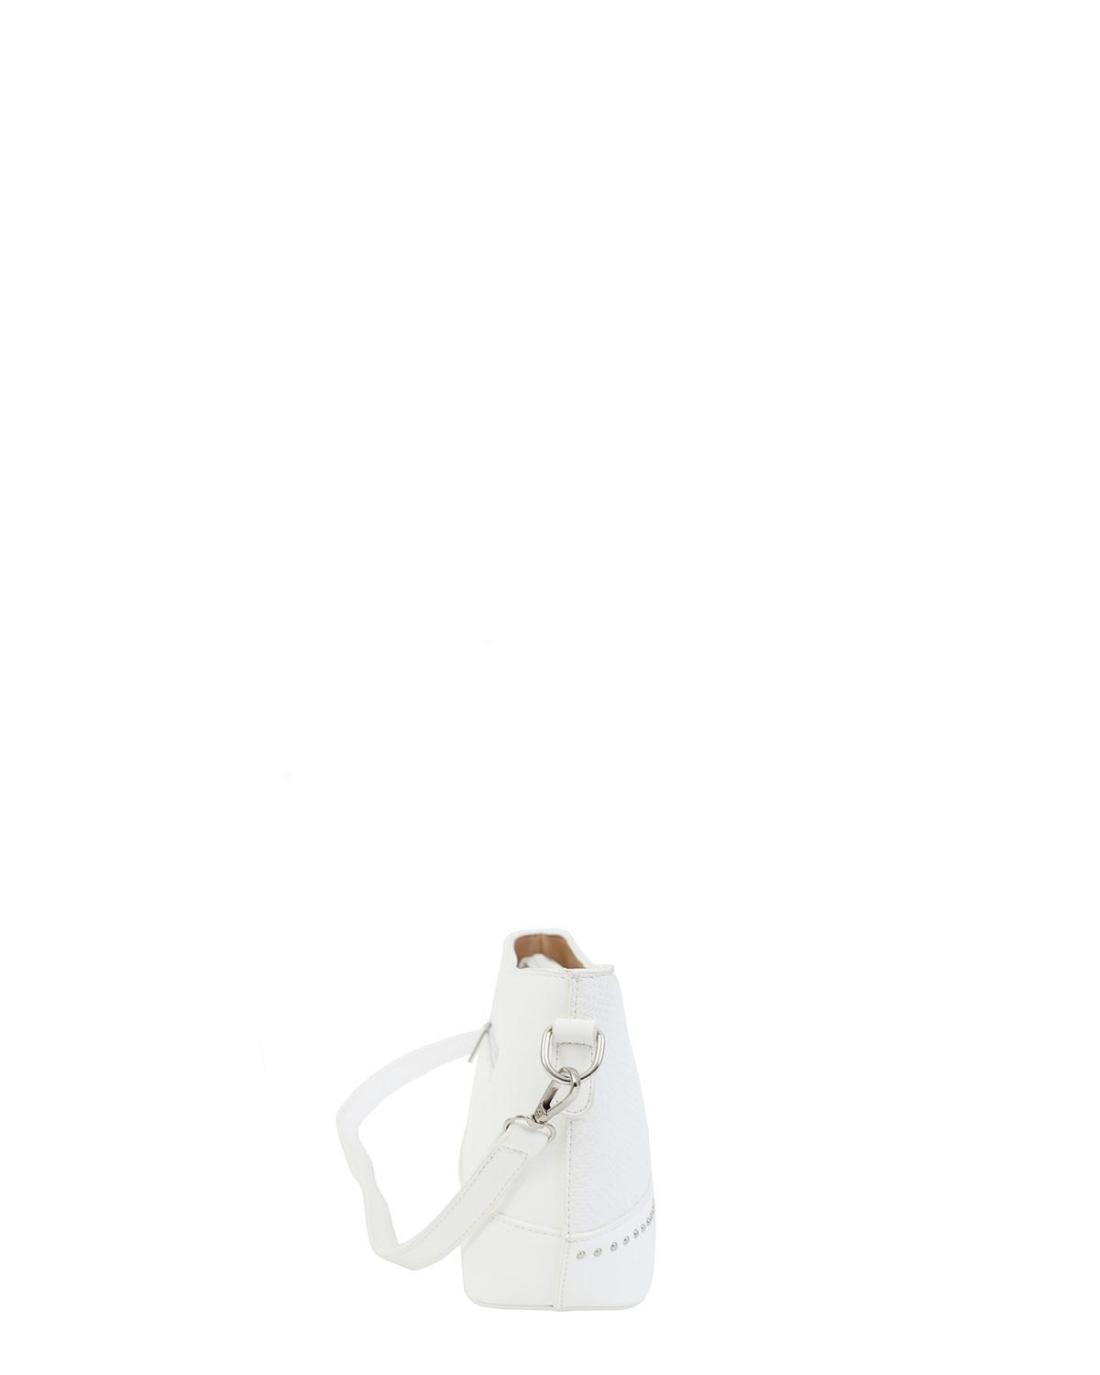 Weiße umhängetasche